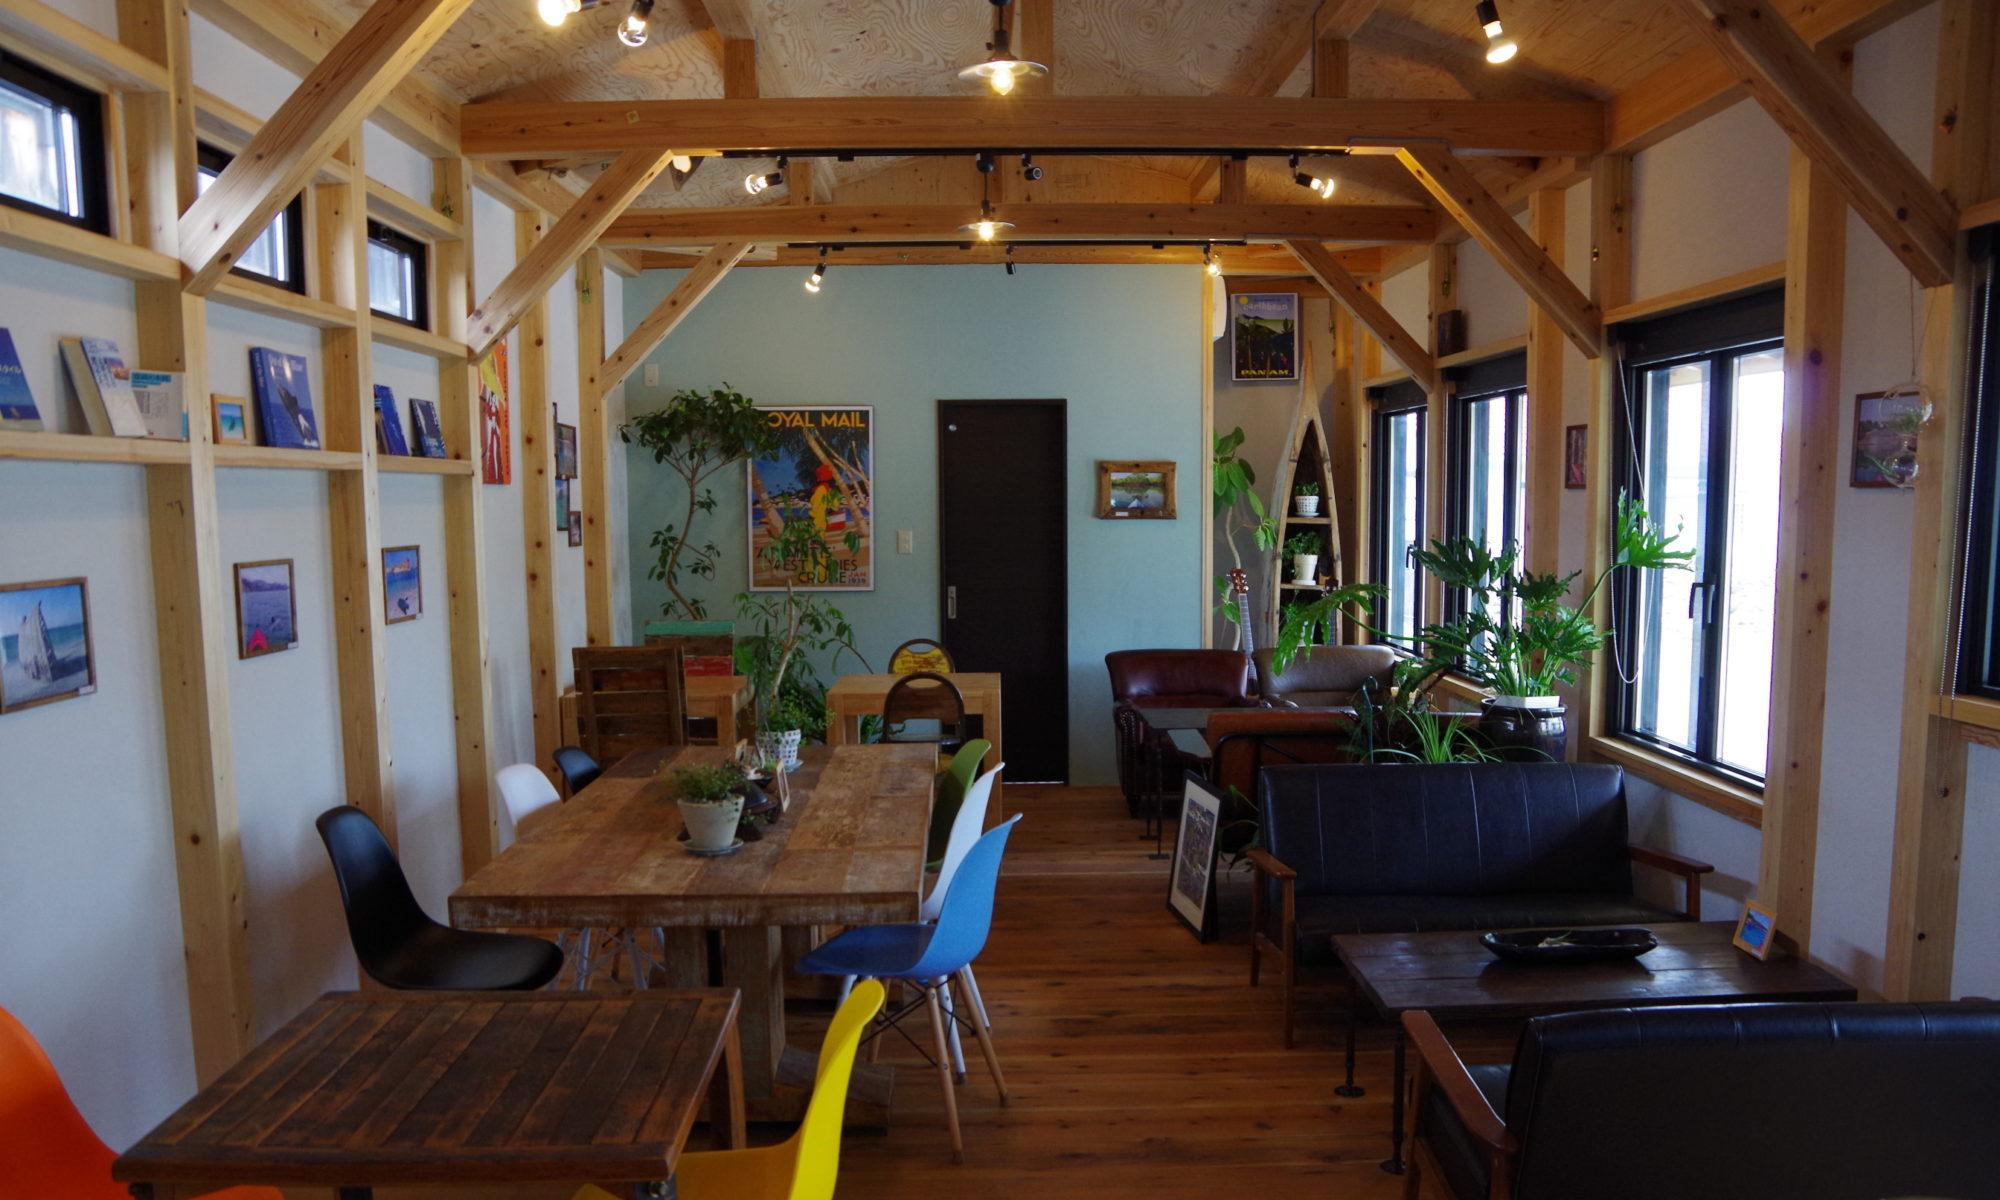 The 7th Sense Cafe